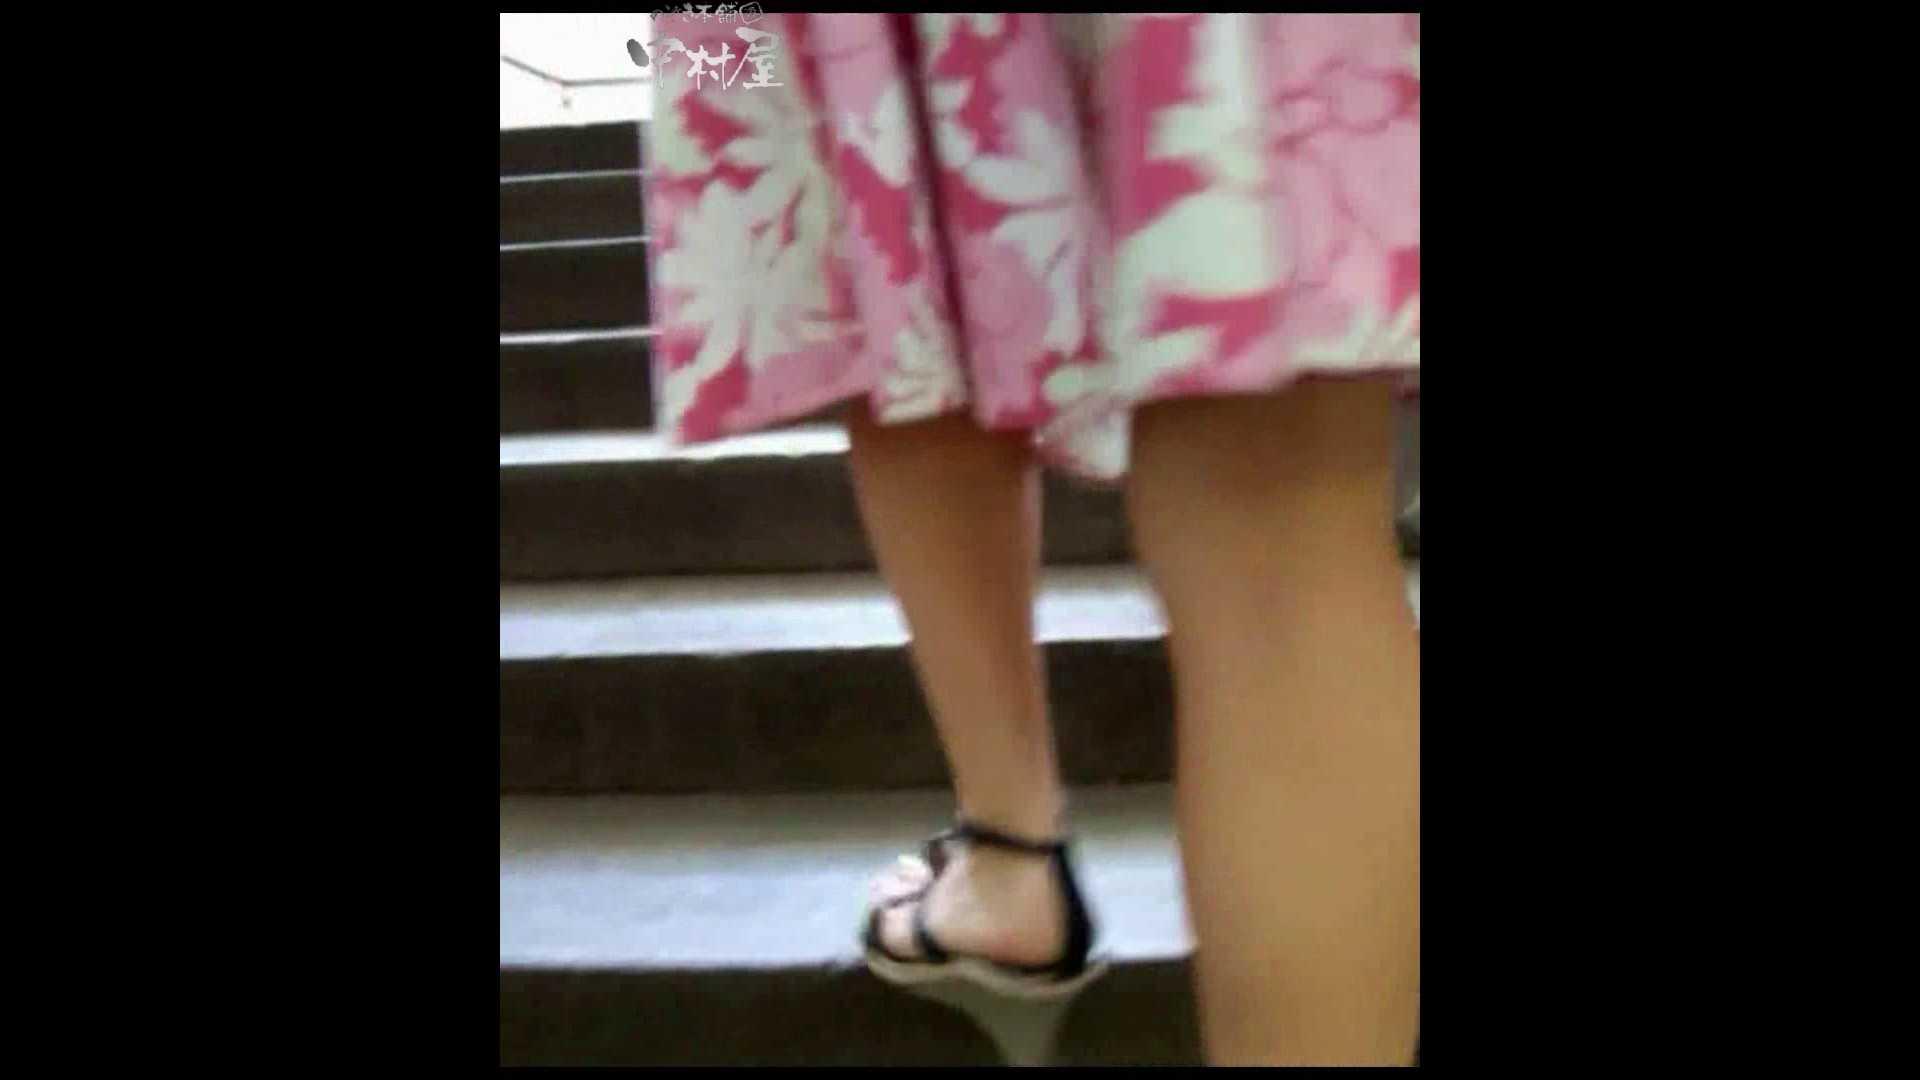 綺麗なモデルさんのスカート捲っちゃおう‼ vol13 OLハメ撮り  45Pix 40